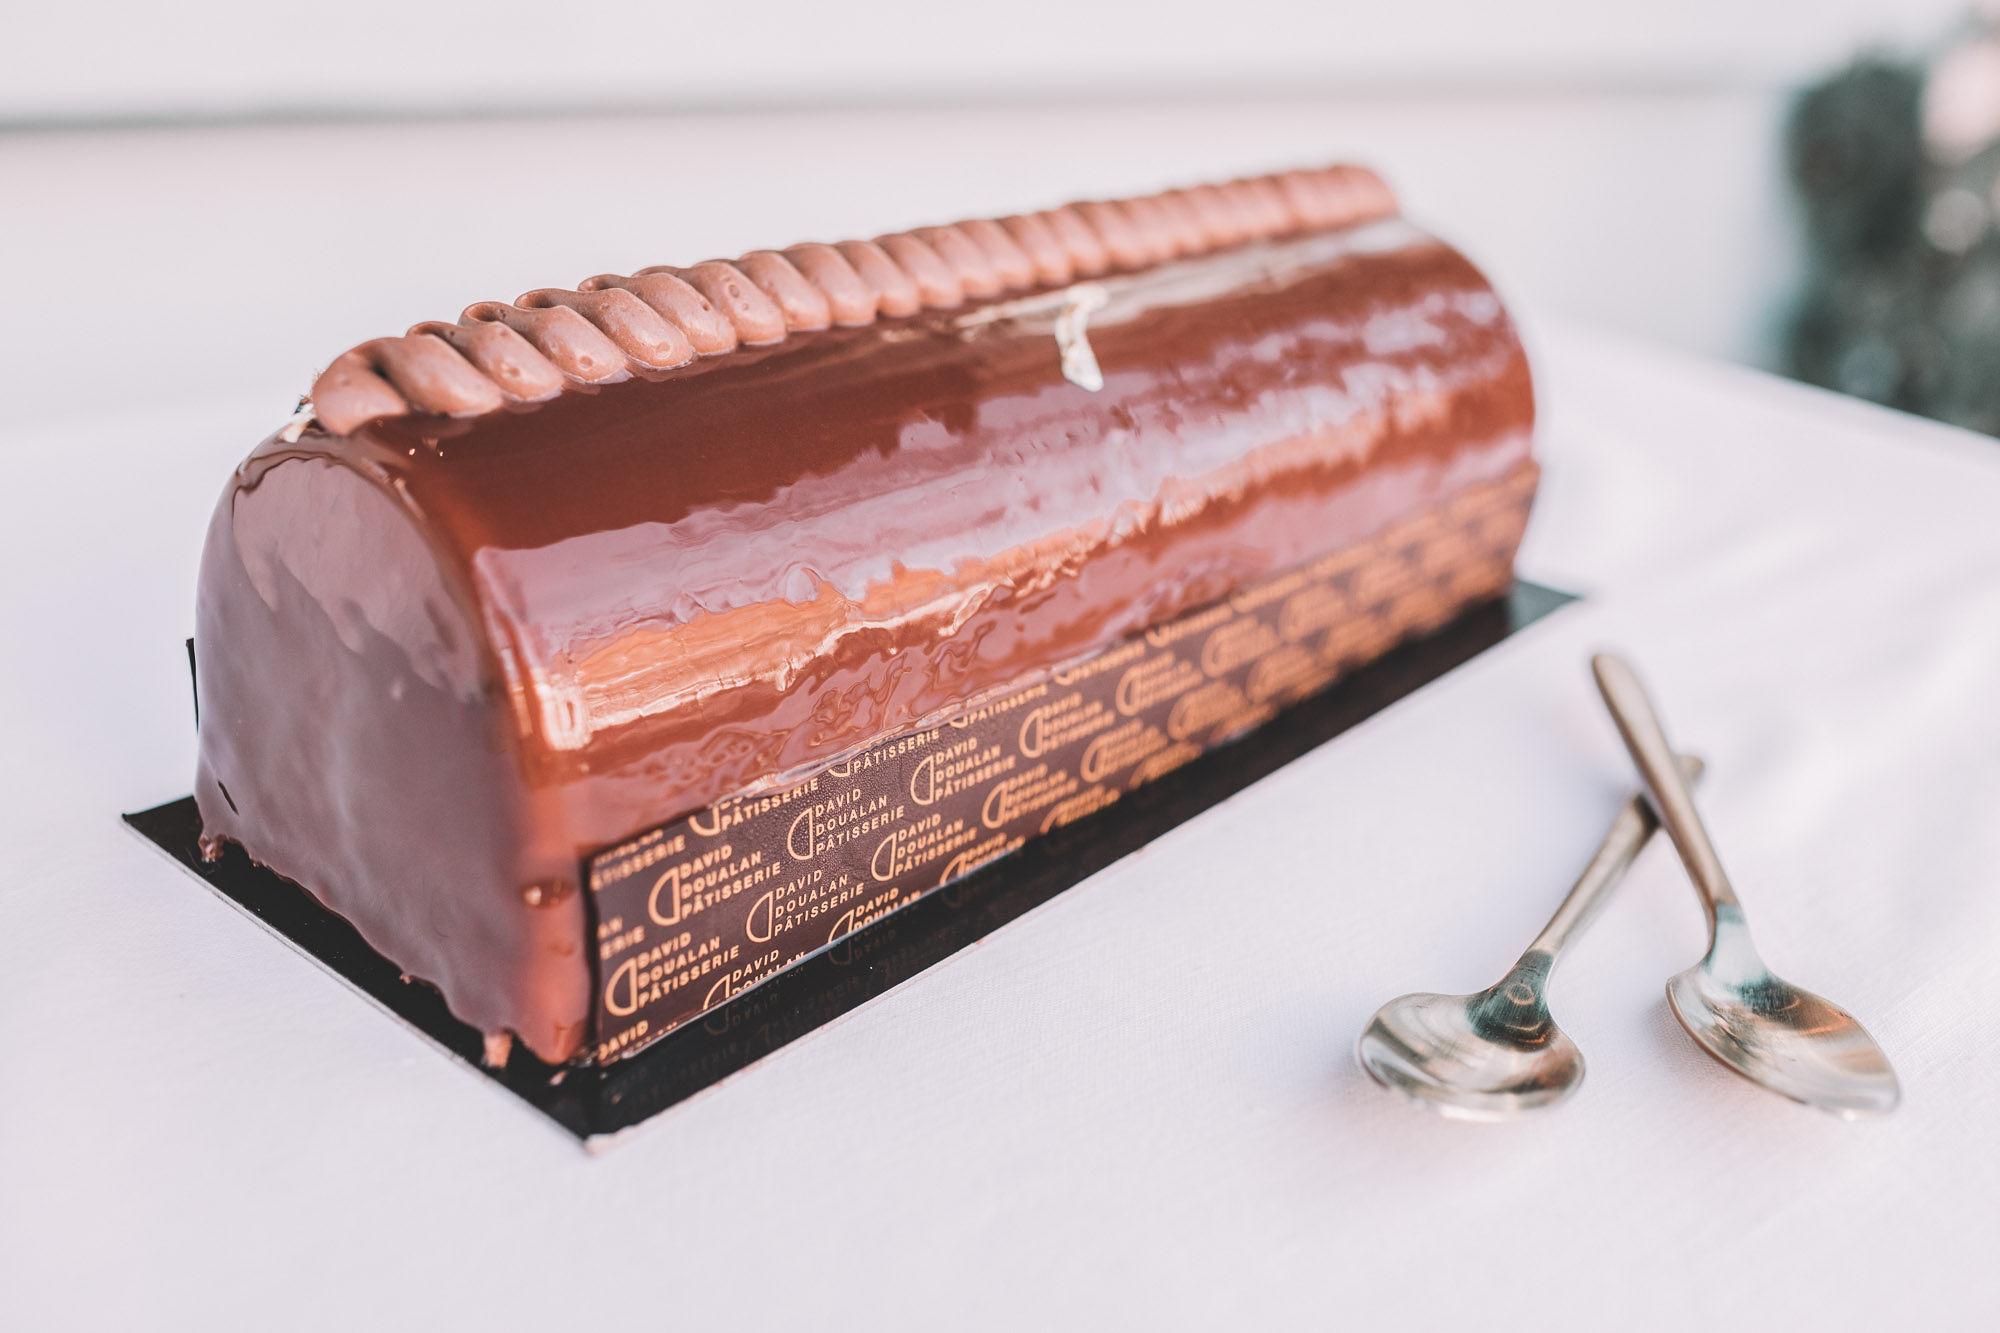 Bûche de Noel Chocolat Poire 2 - David Doualan Pâtisserie